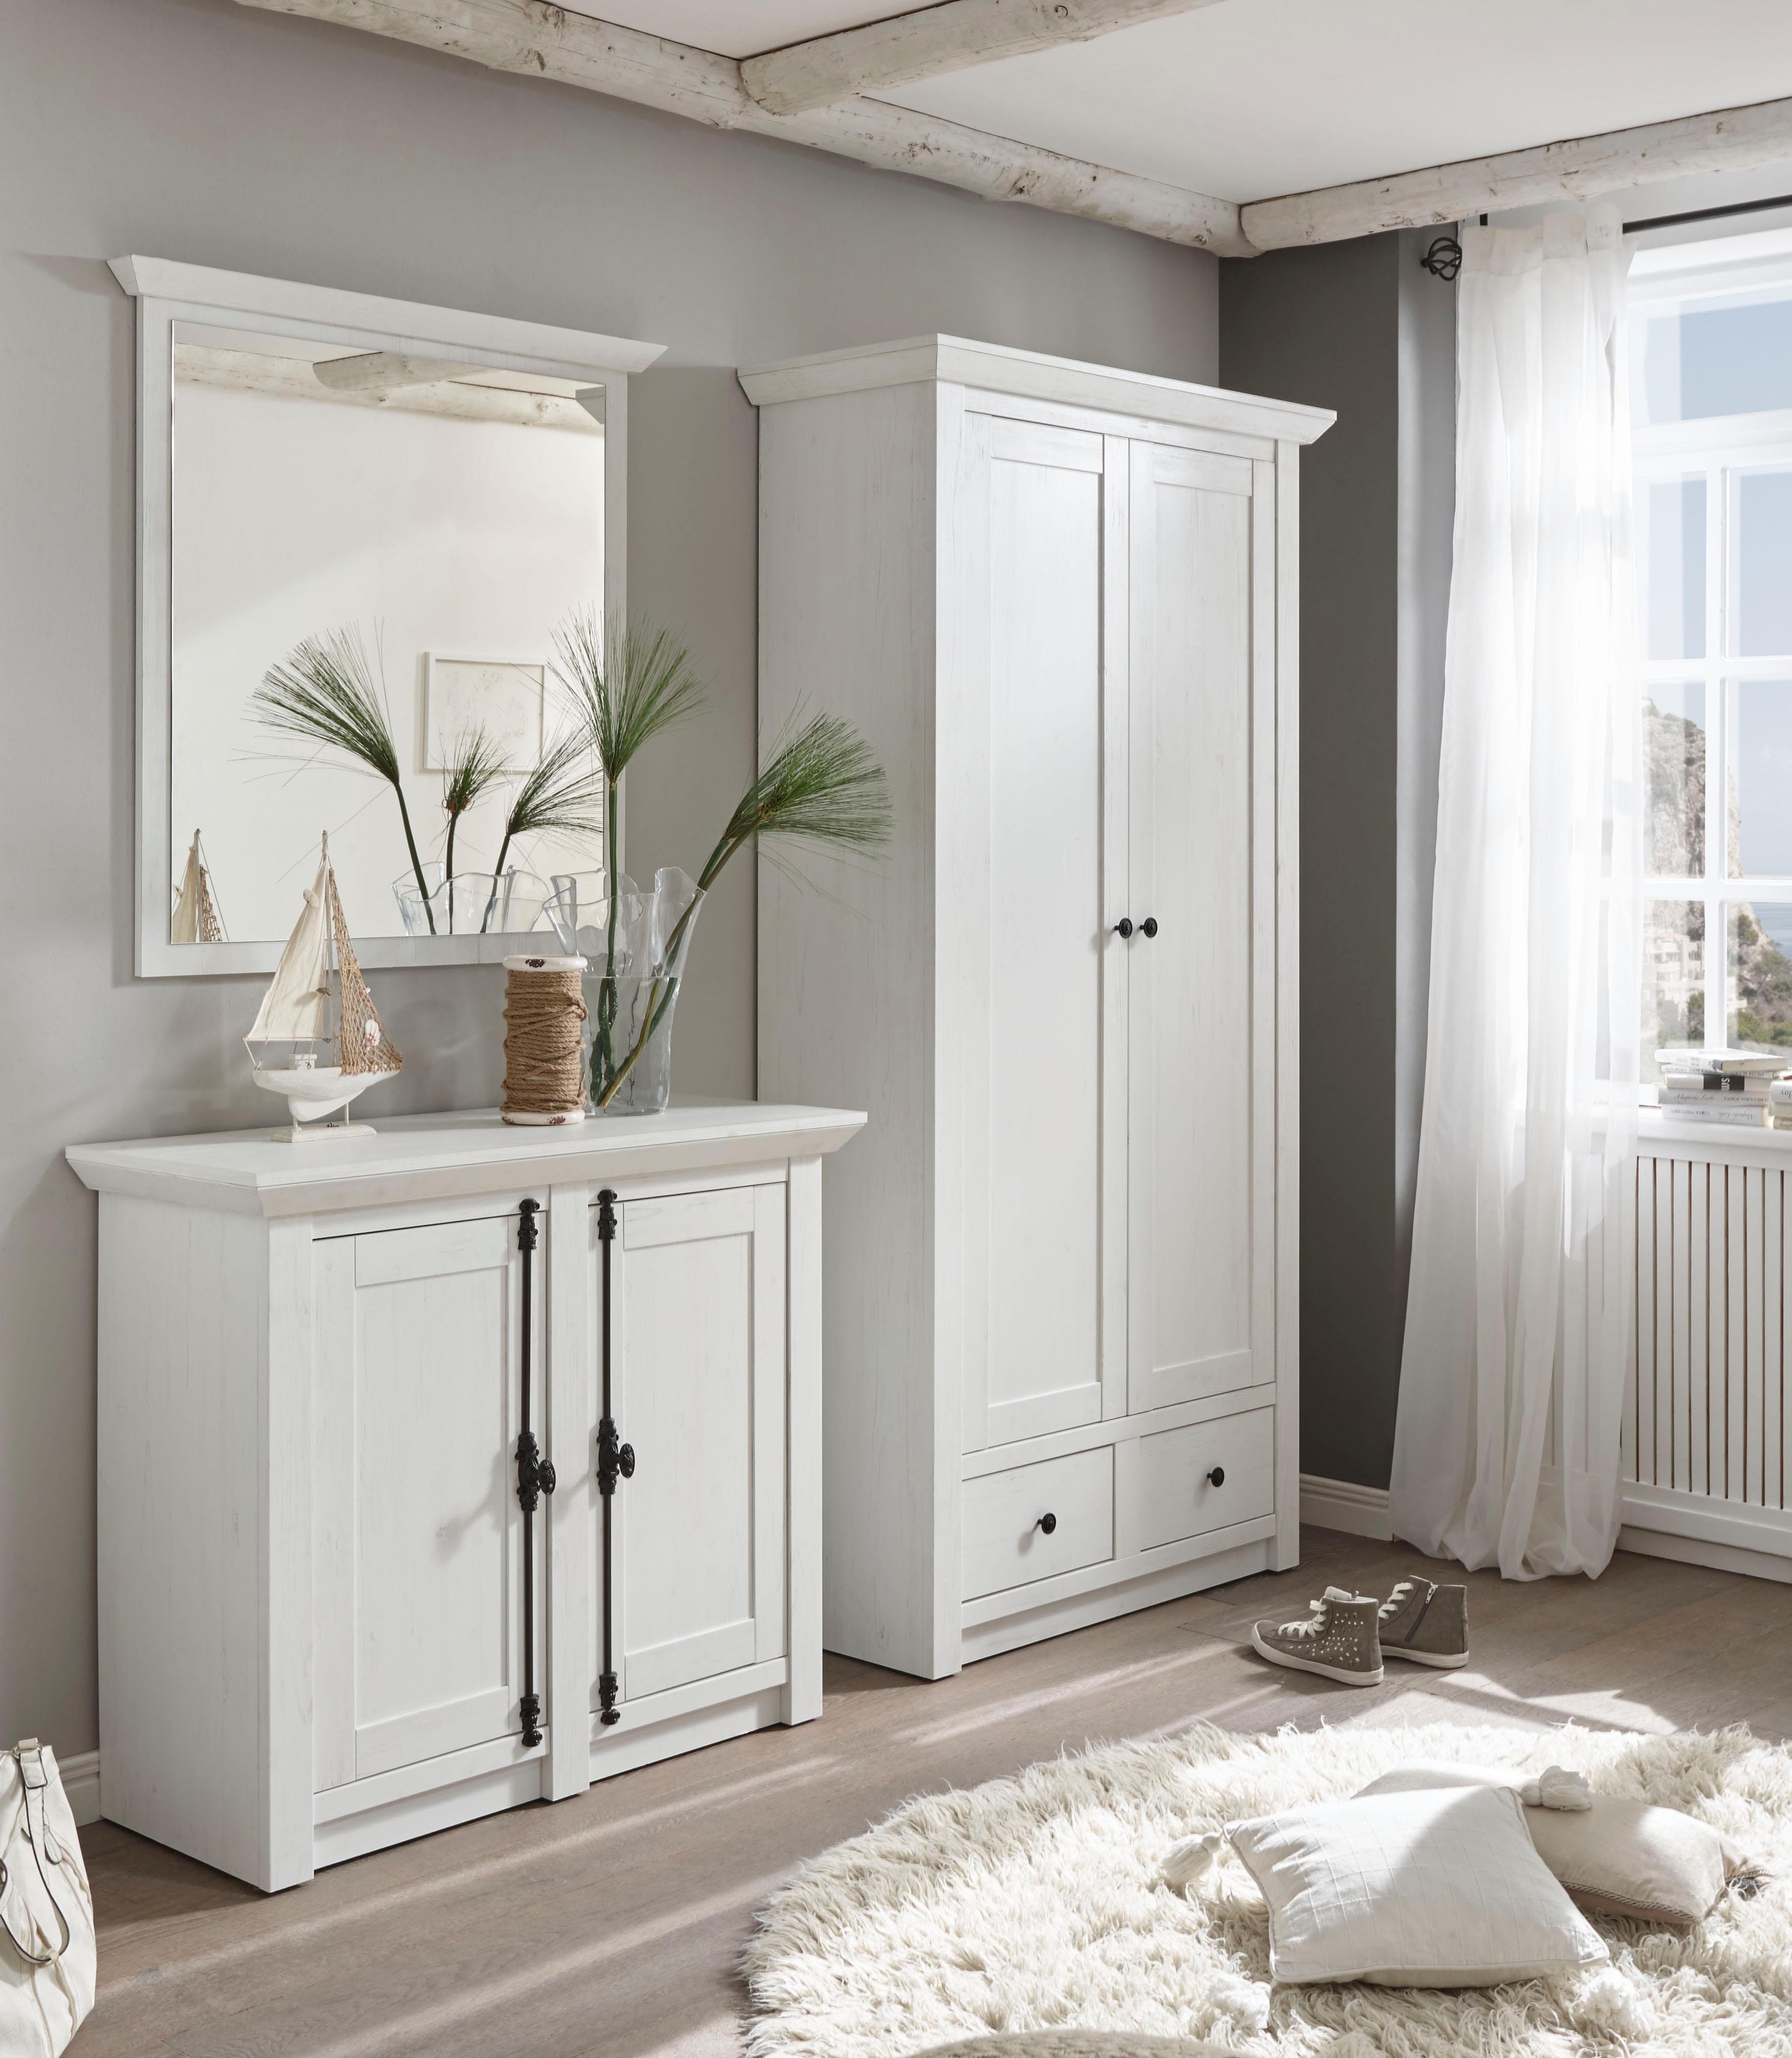 Garderoben set serie california 3 teiliges set 1 for Garderoben set mit spiegel